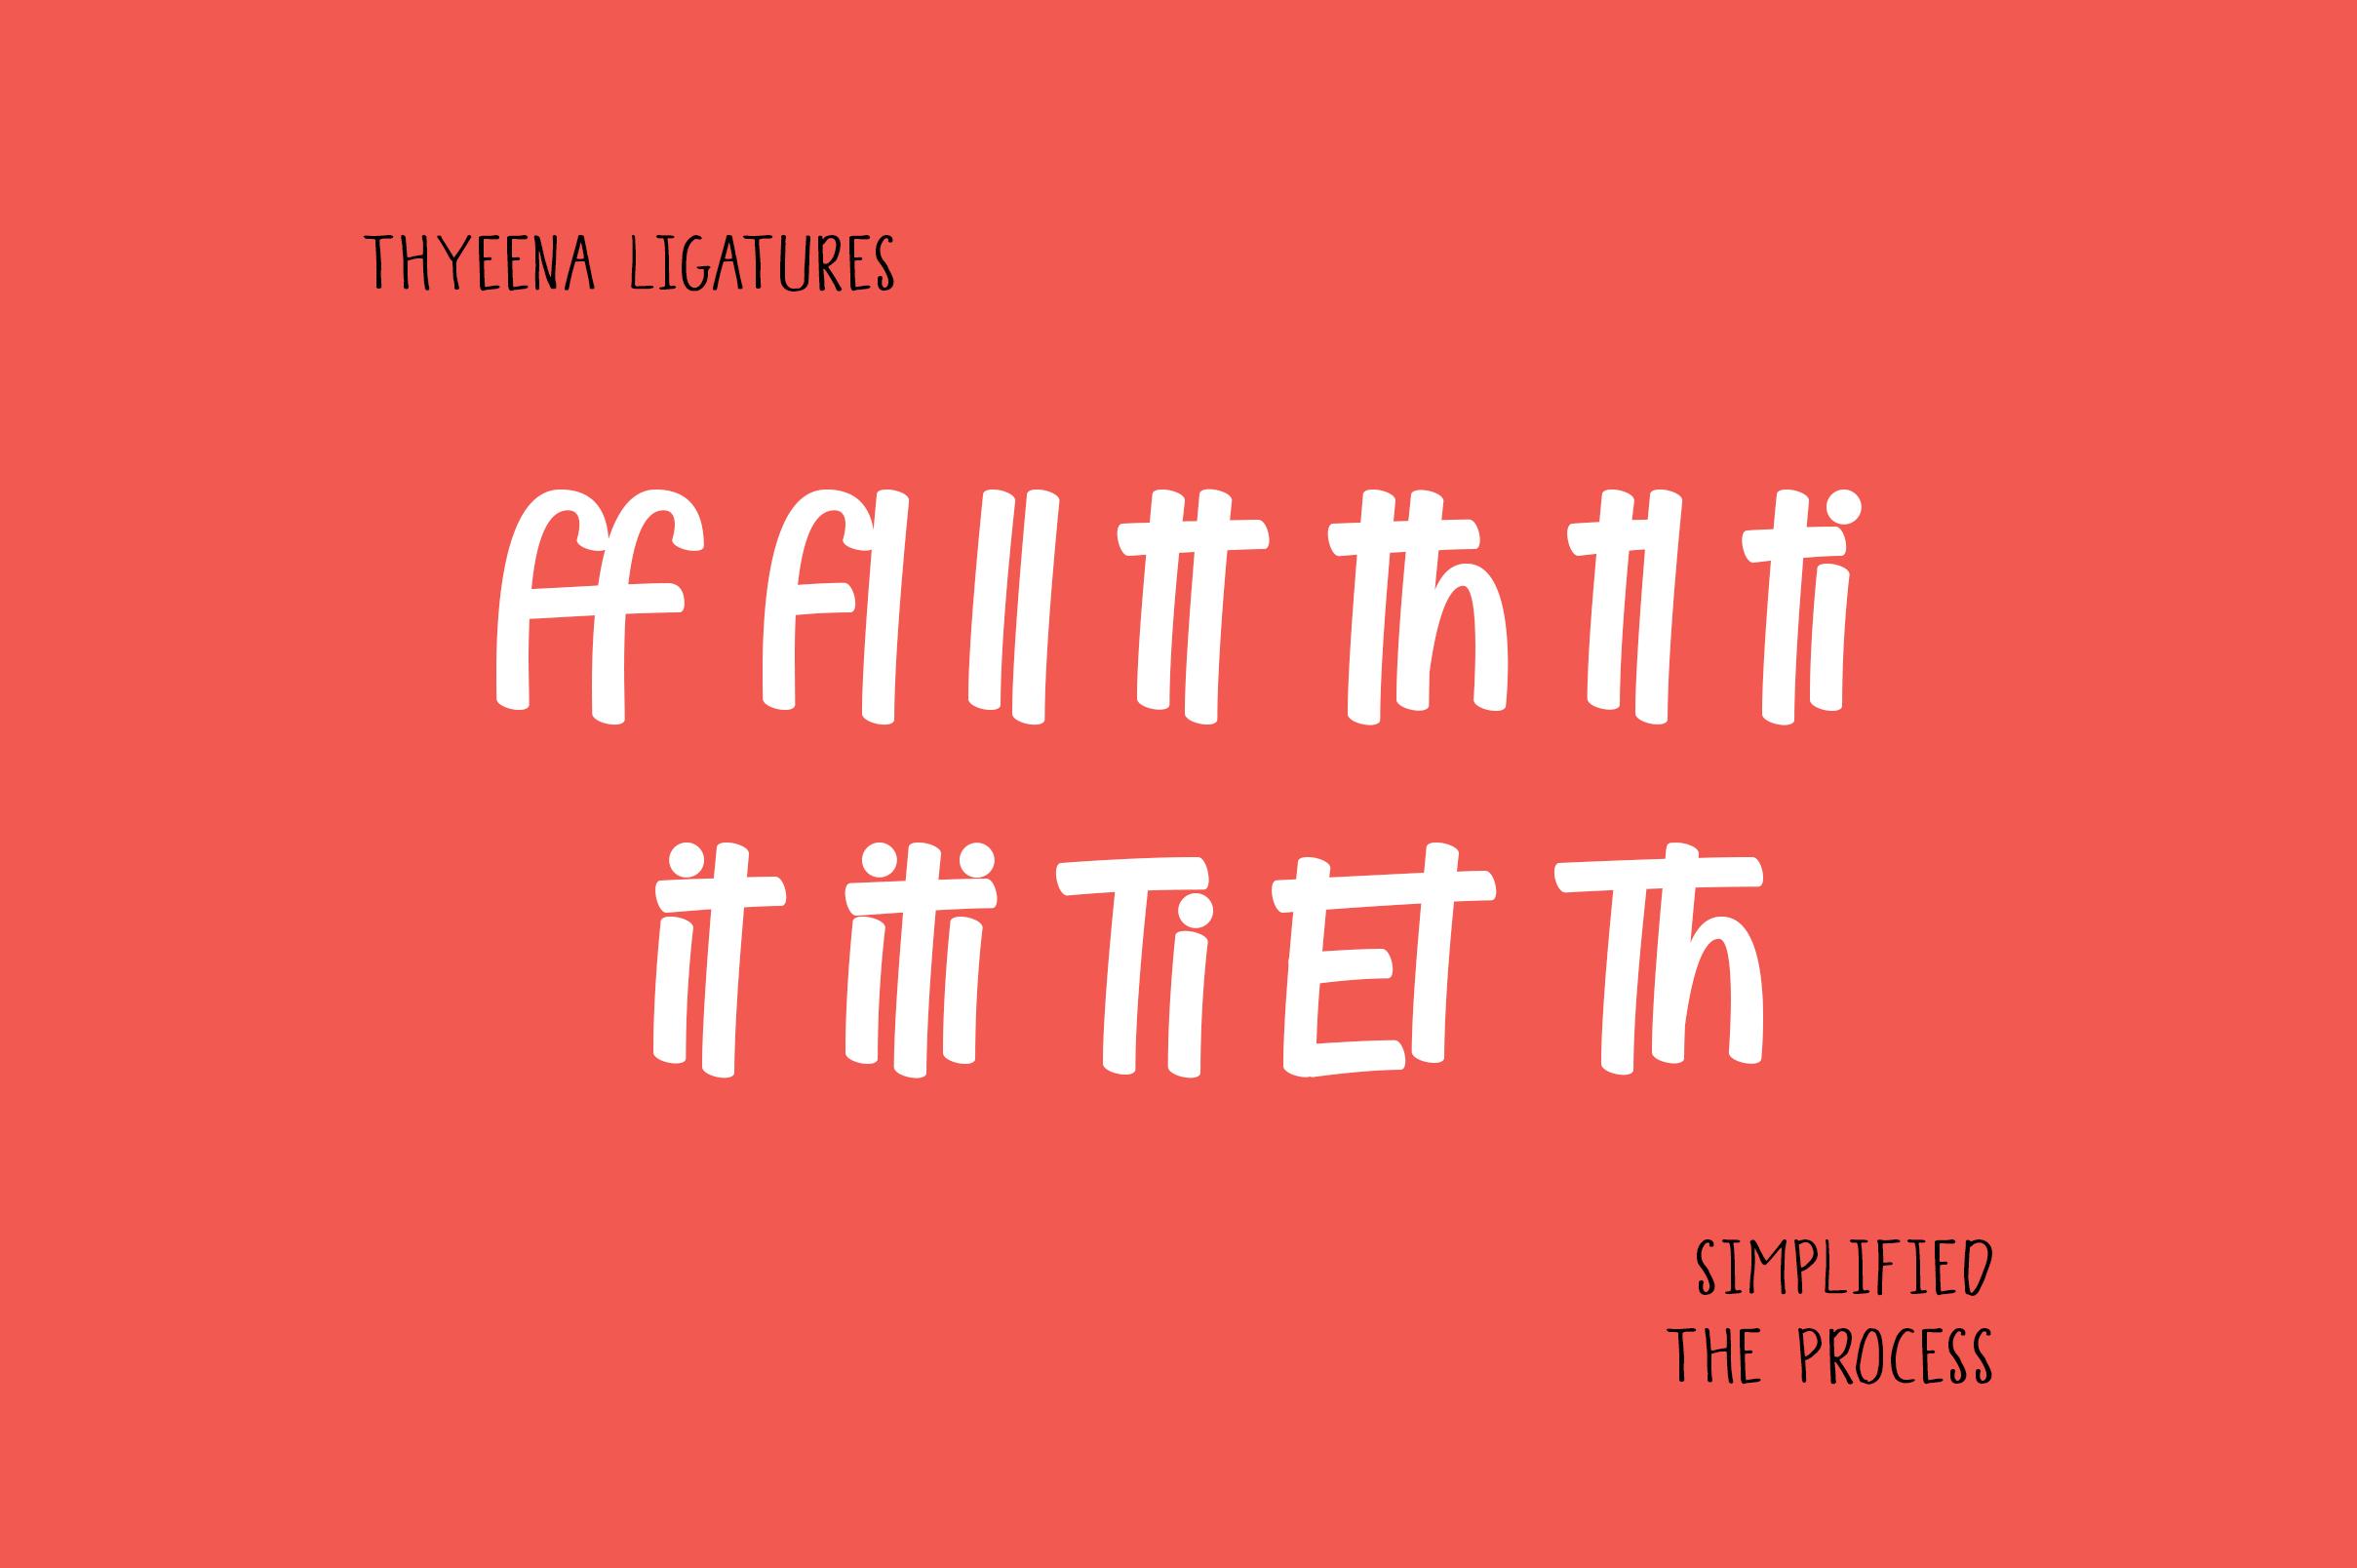 Thyeena Fonts & Illustration example image 13